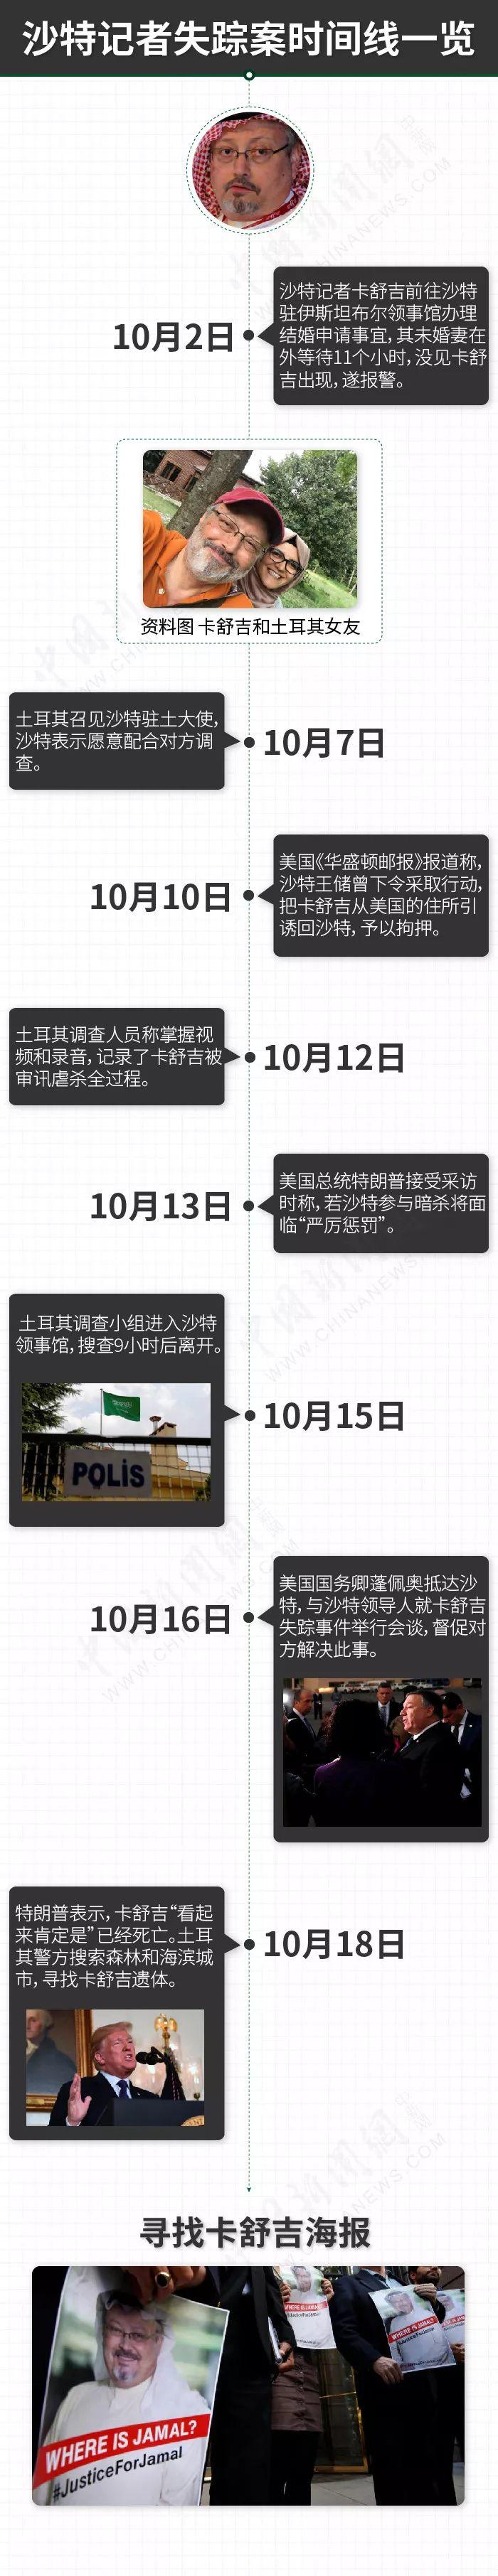 沙特记者失踪案时间线 图片来源:<a target='_blank' href='http://www-chinanews-com.fsjjdyw.com/' >中新网</a> 张舰元 制图